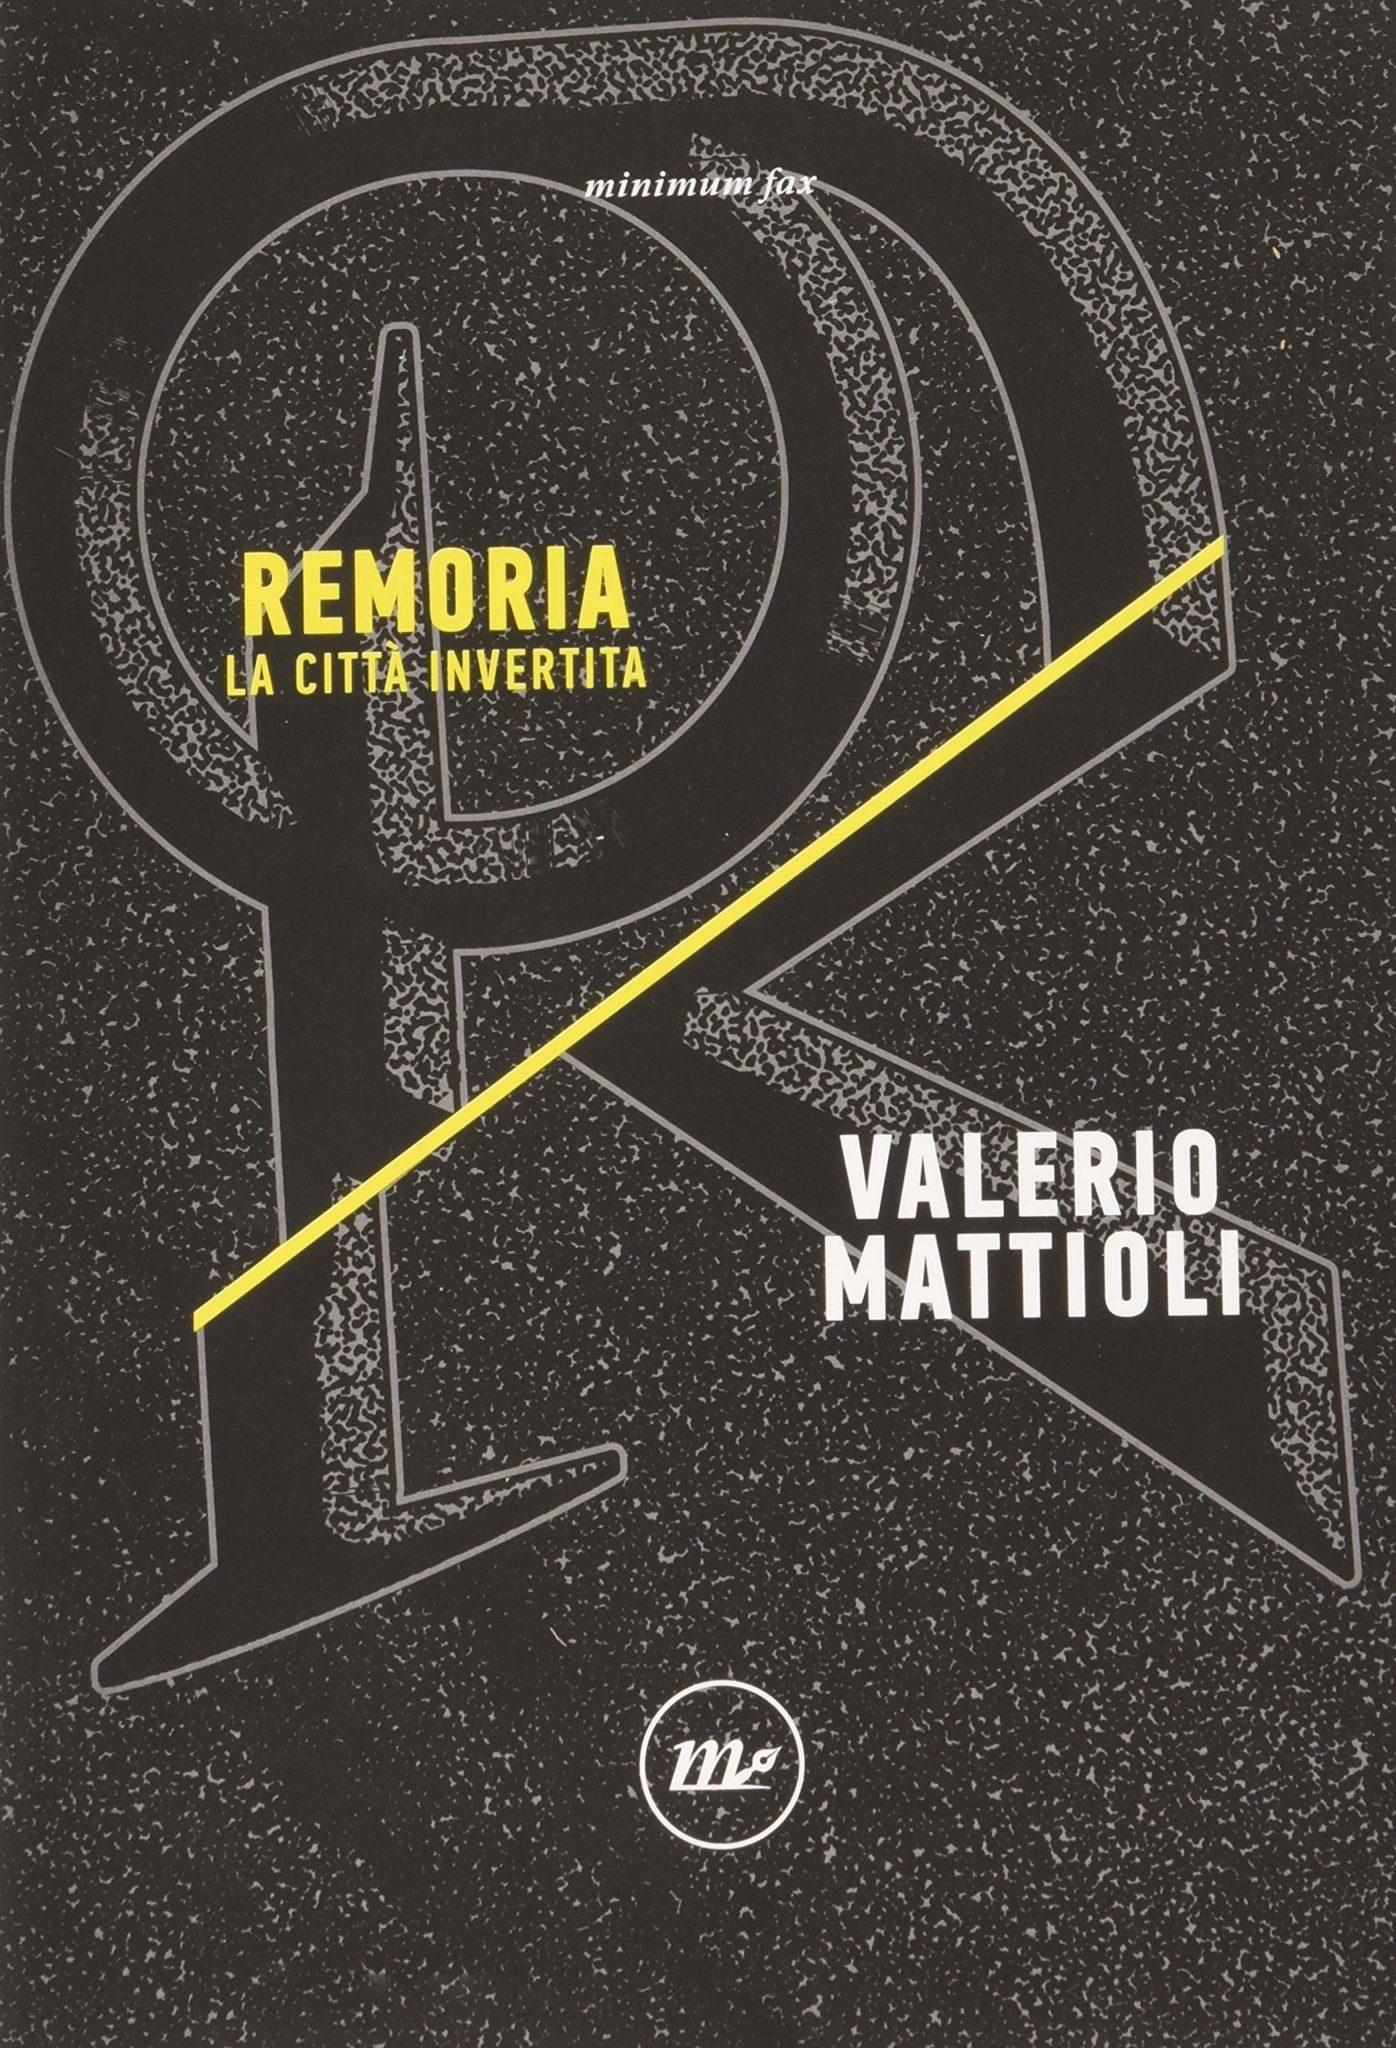 Recensione di Remoria – Valerio Mattioli